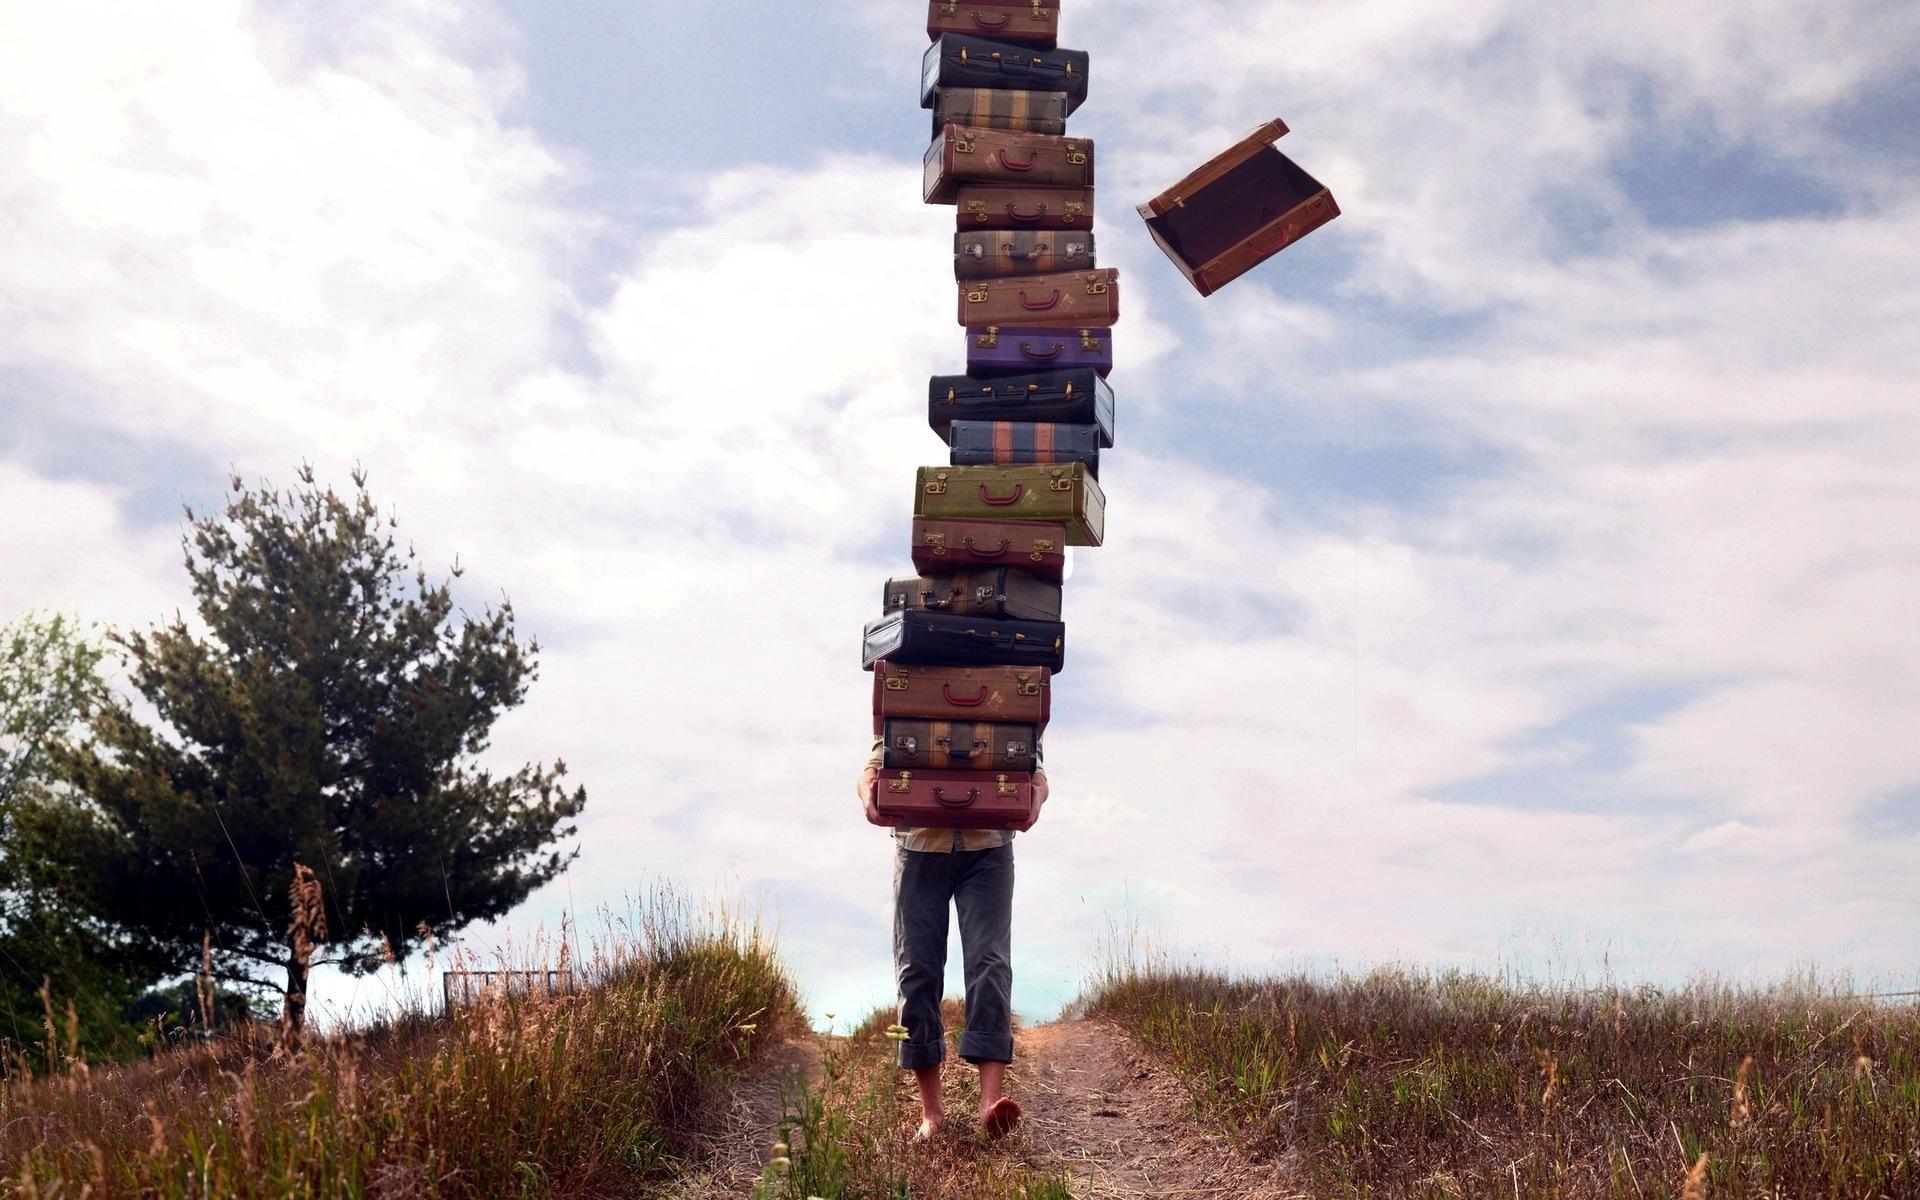 42923 Заставки и Обои Книги на телефон. Скачать Пейзаж, Объекты, Книги картинки бесплатно